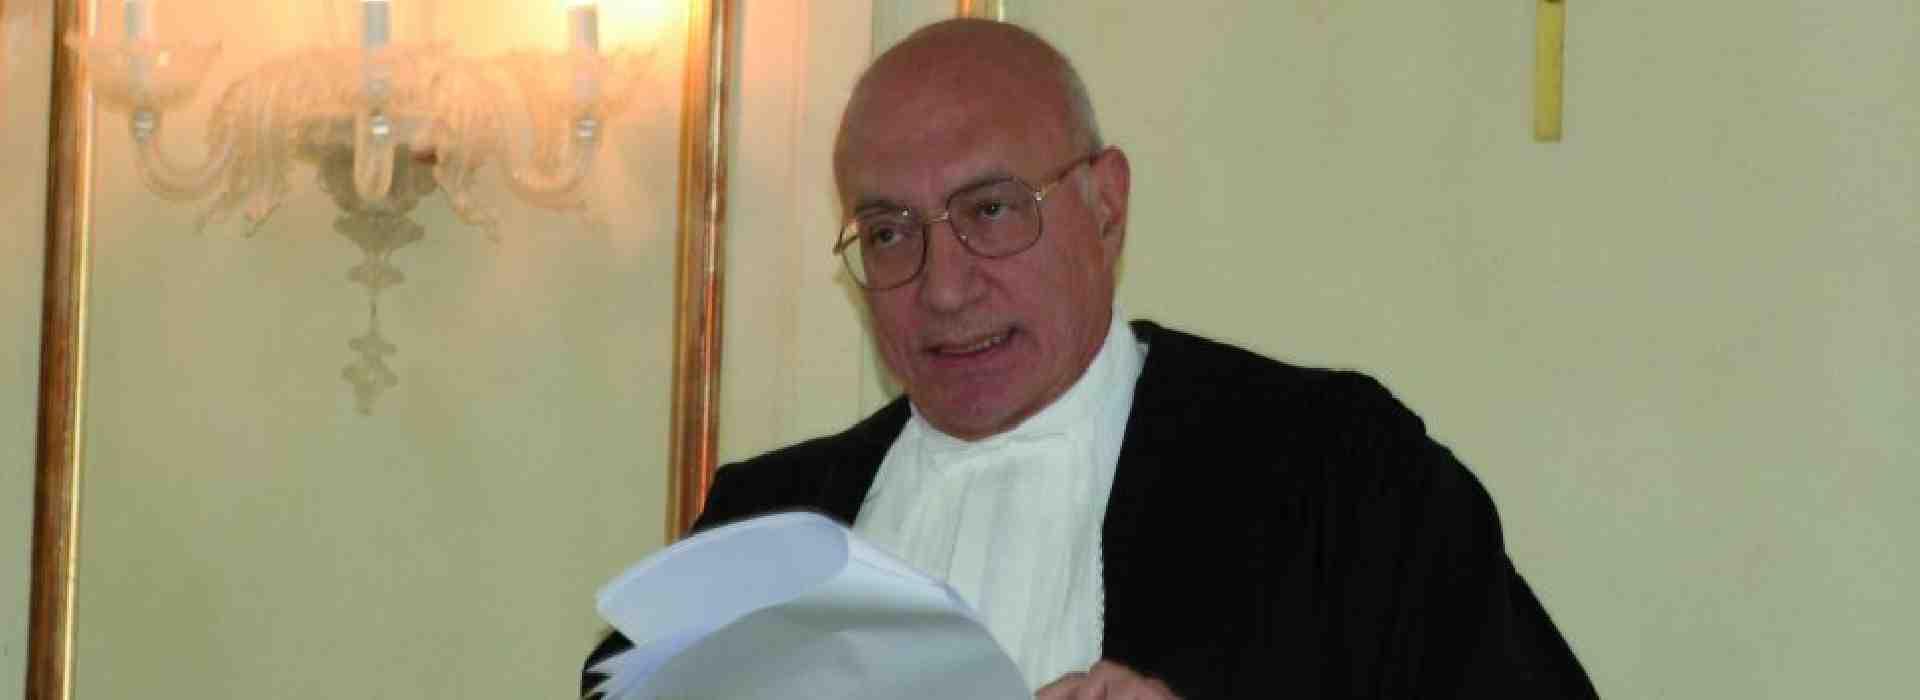 Goffredo Zaccardi, il braccio destro di Speranza va dai magistrati